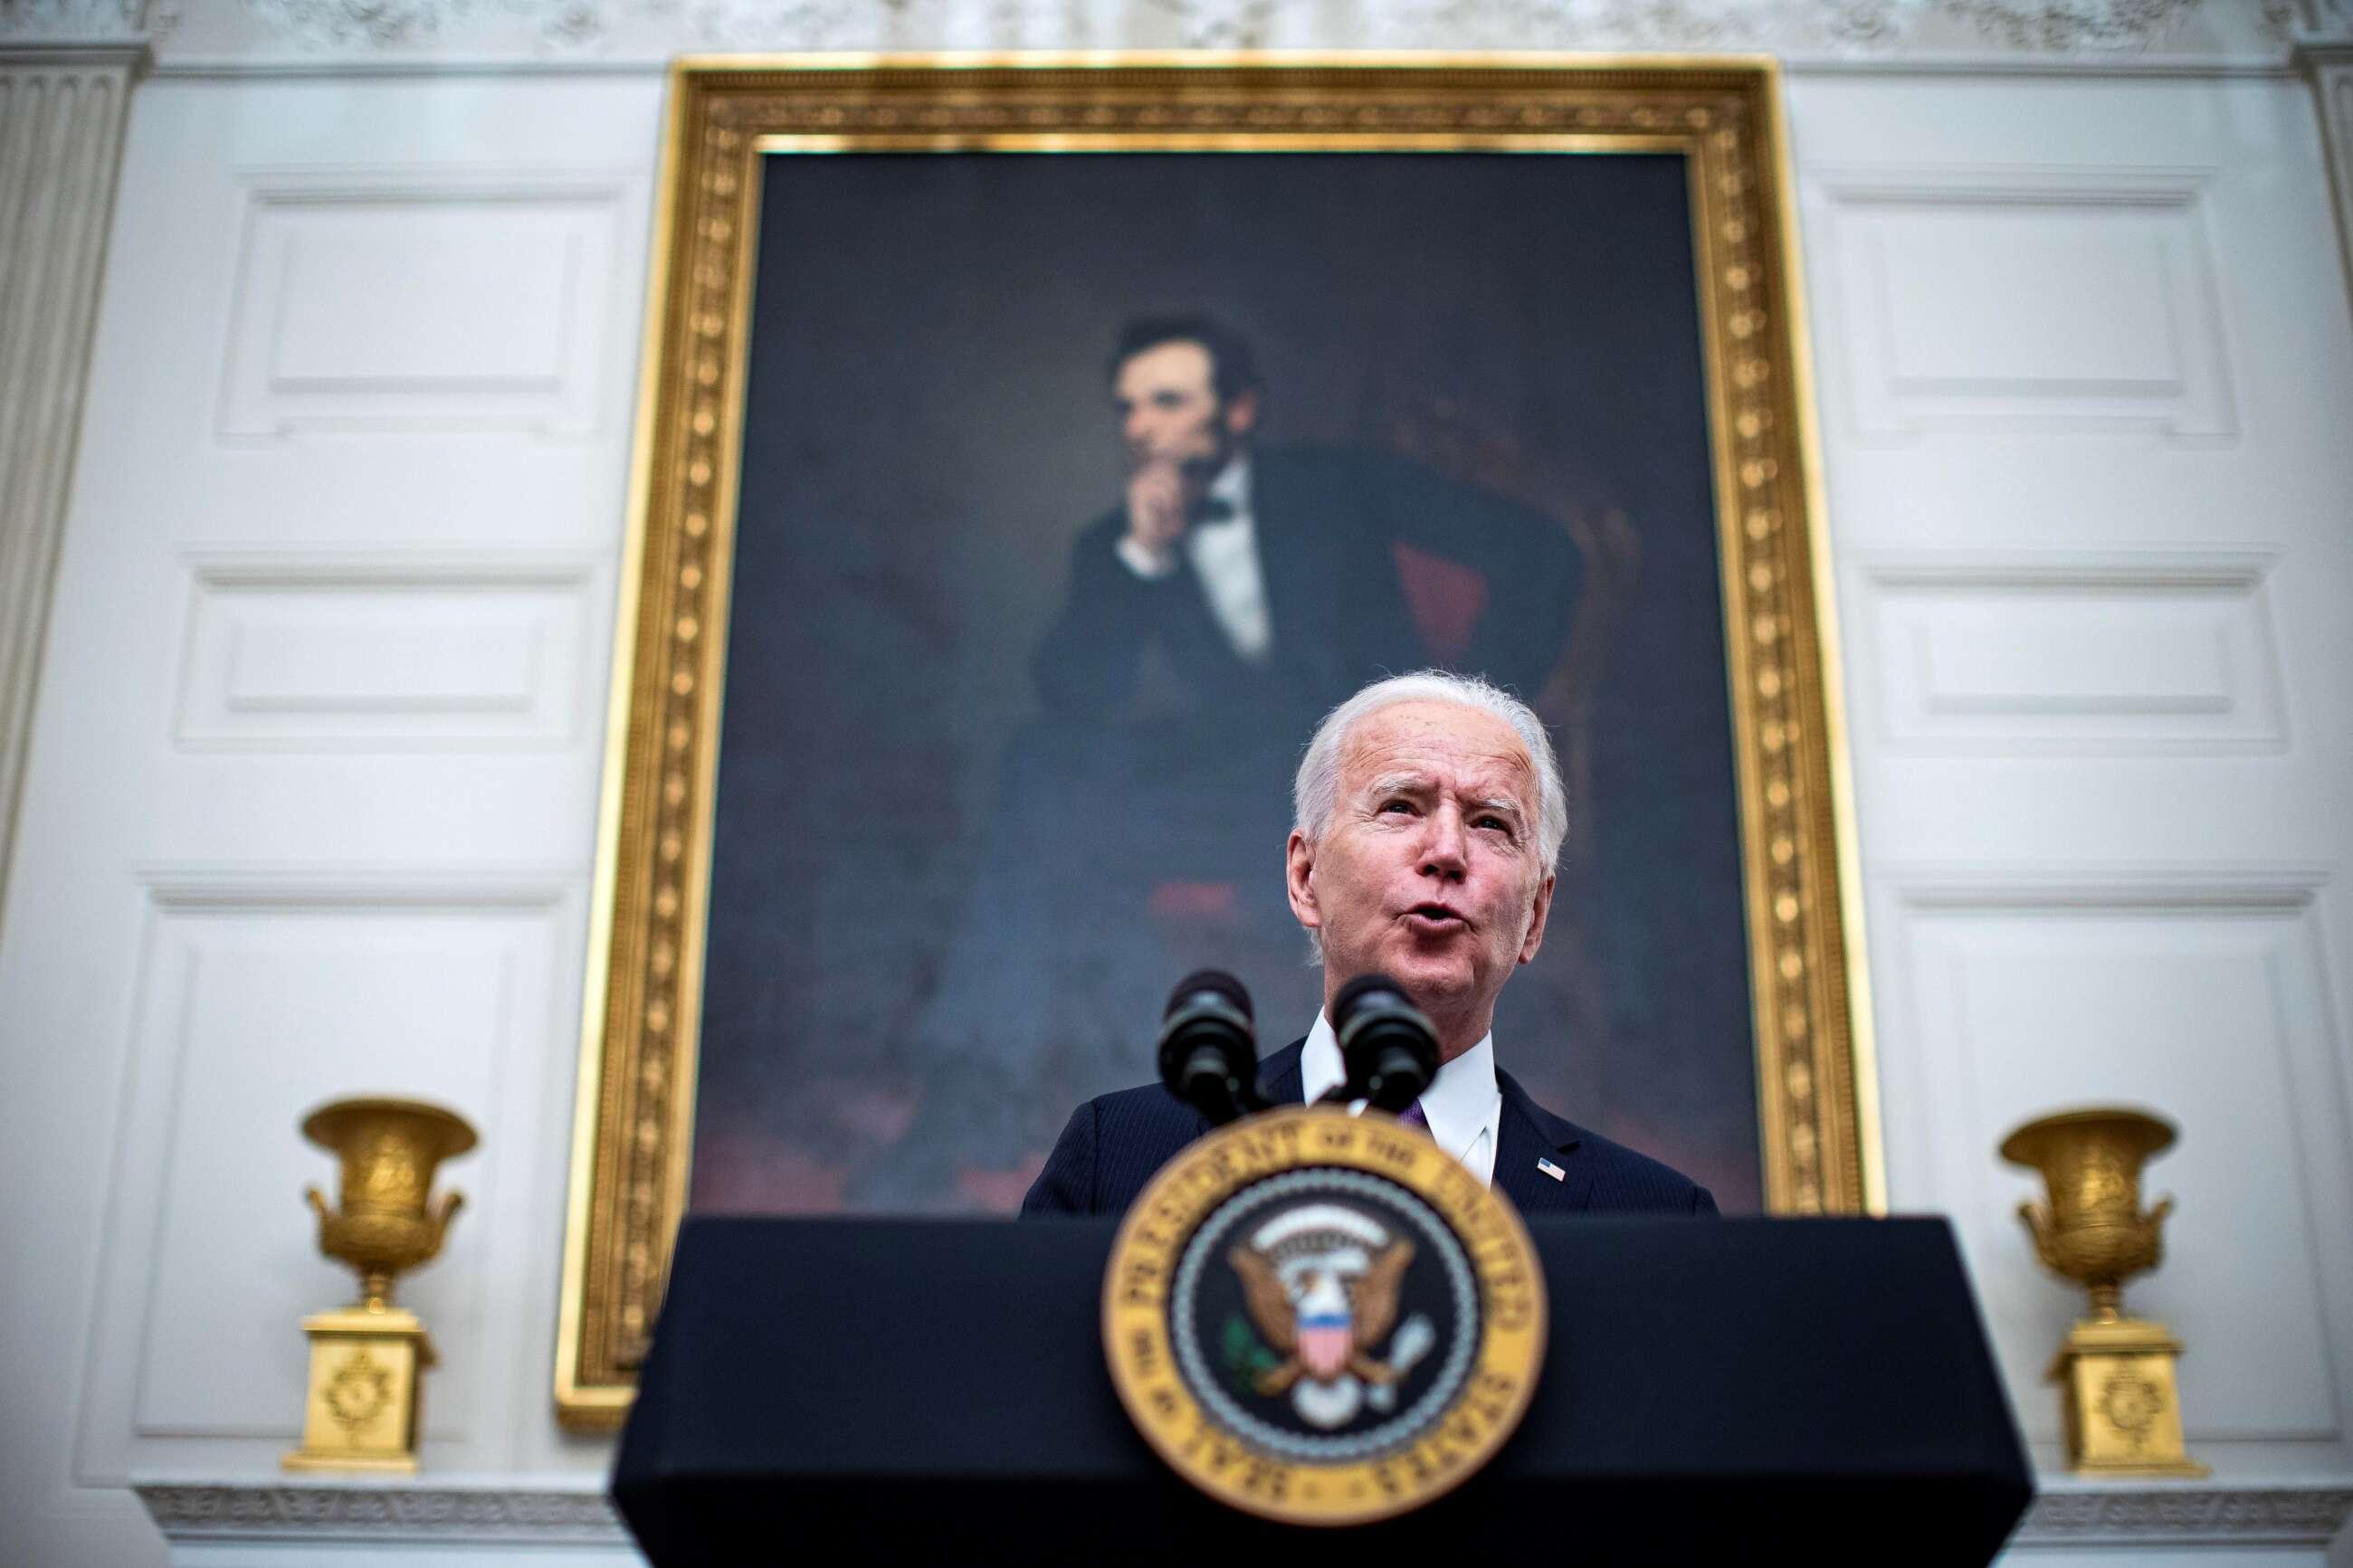 El presidente de Estados Unidos, Joe Biden, habla sobre la covid-19 en Washington, DC, Estados Unidos, este 21 de enero de 2021. EFE/EPA/Al Drago